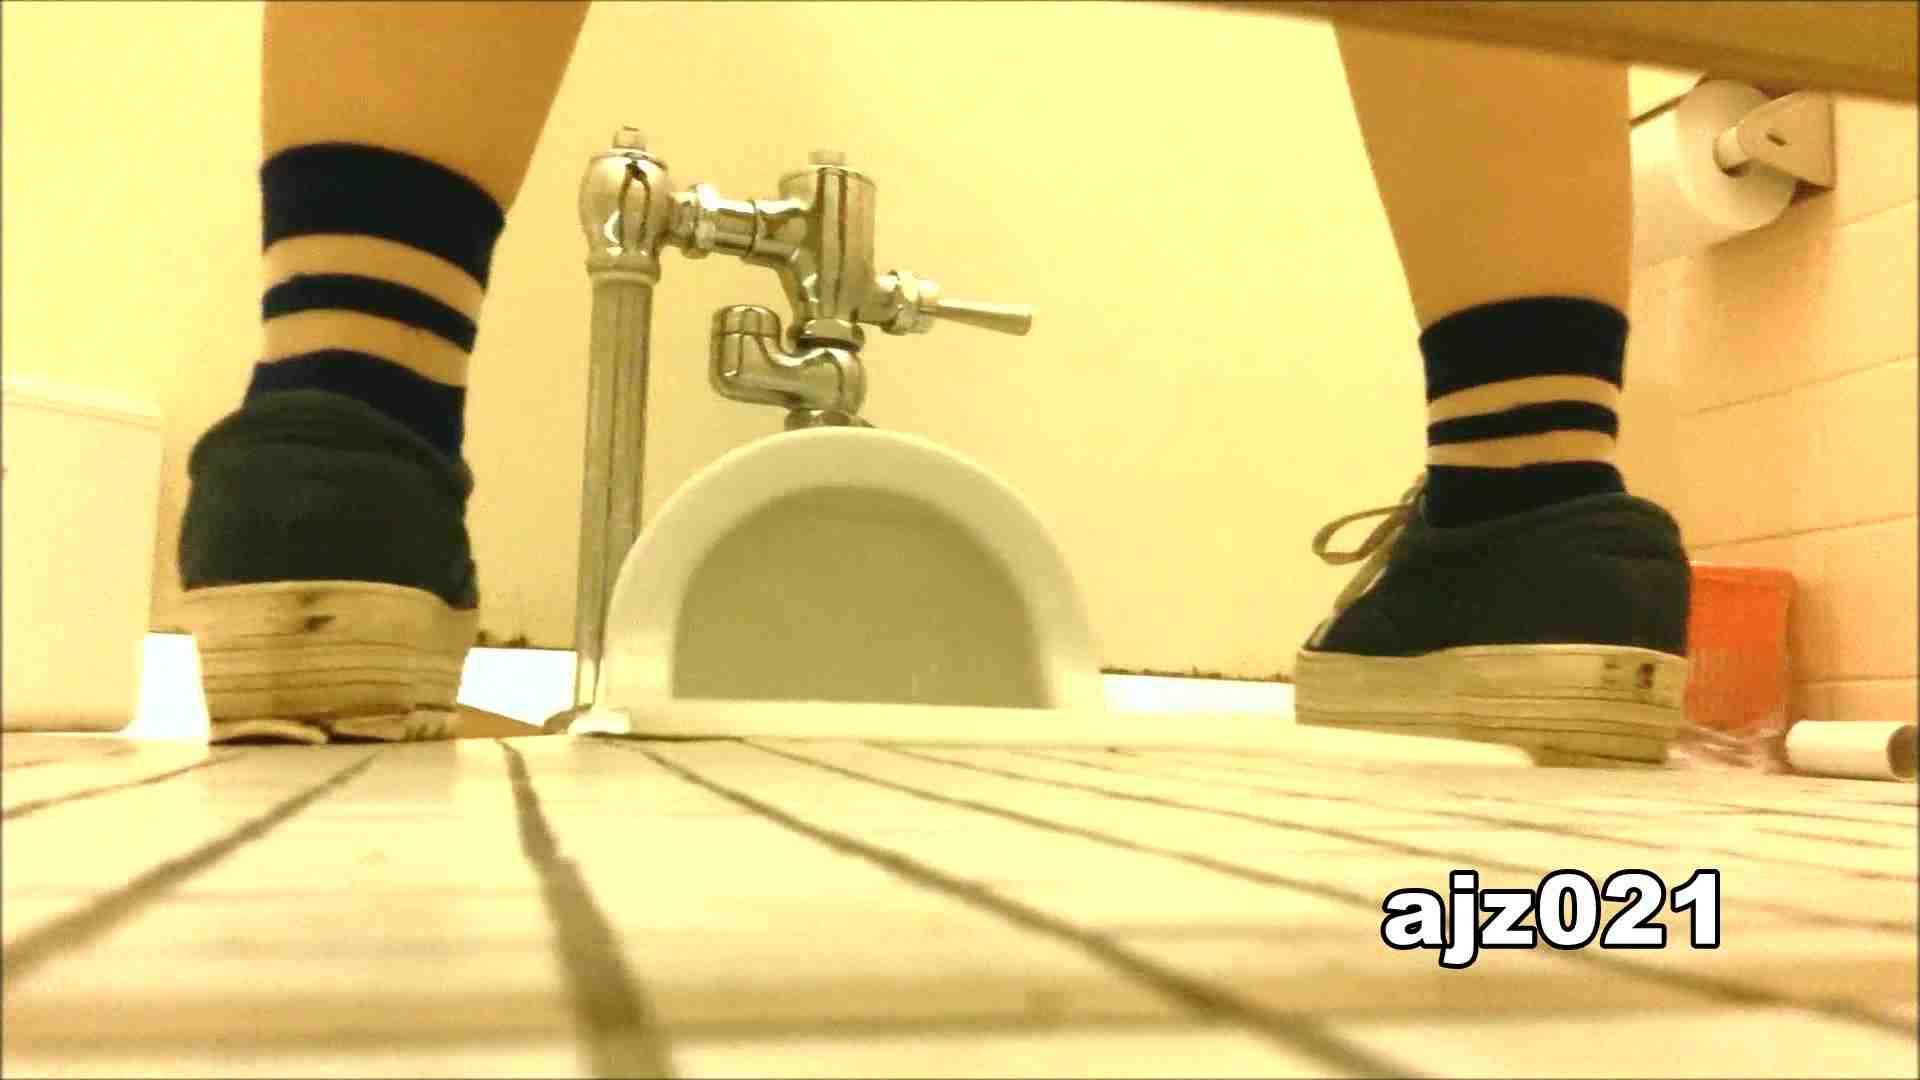 某有名大学女性洗面所 vol.21 和式トイレ すけべAV動画紹介 91pic 59